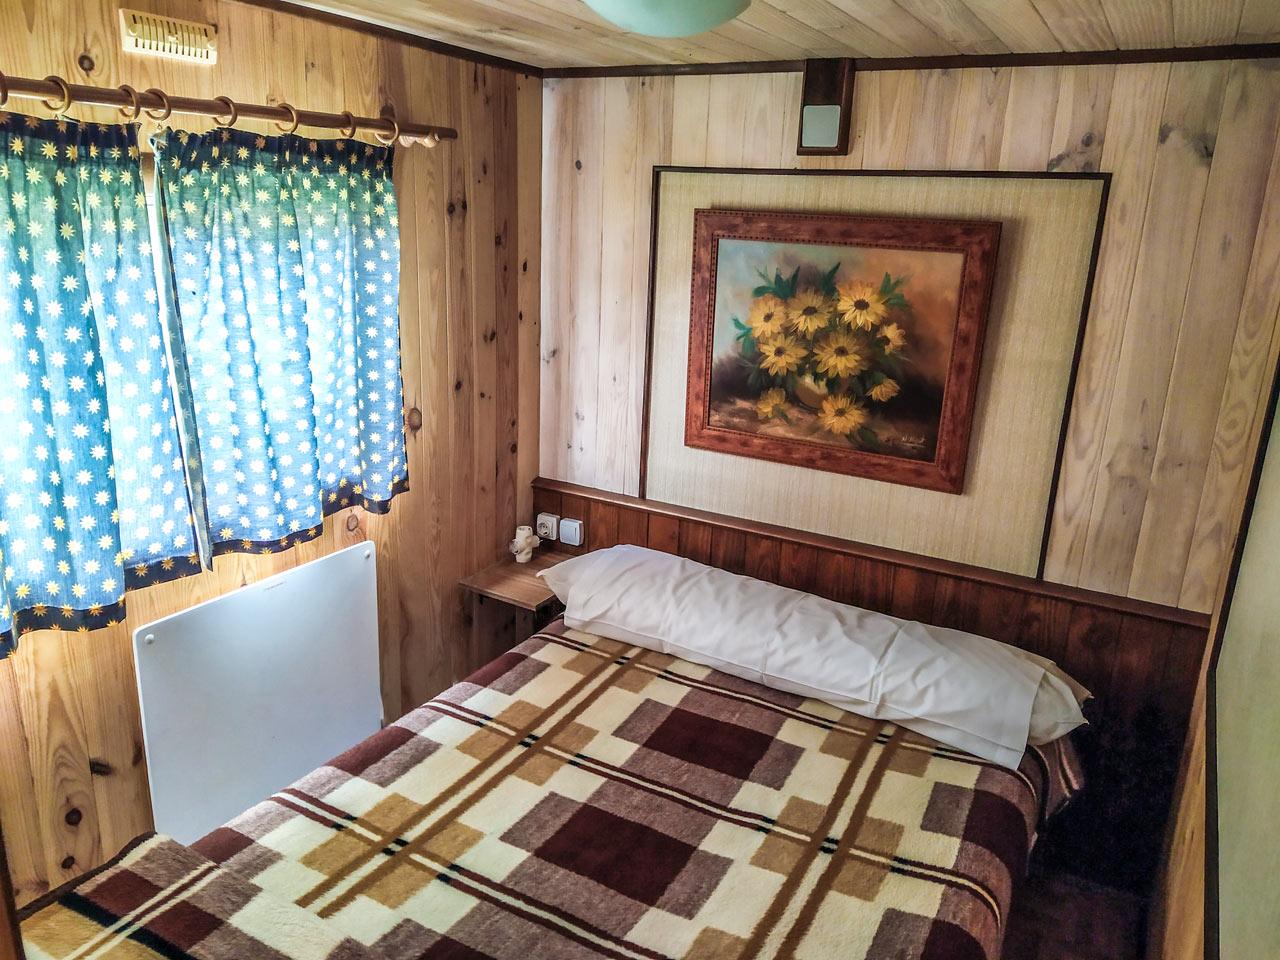 mobile home - habitación cama de matrimonio